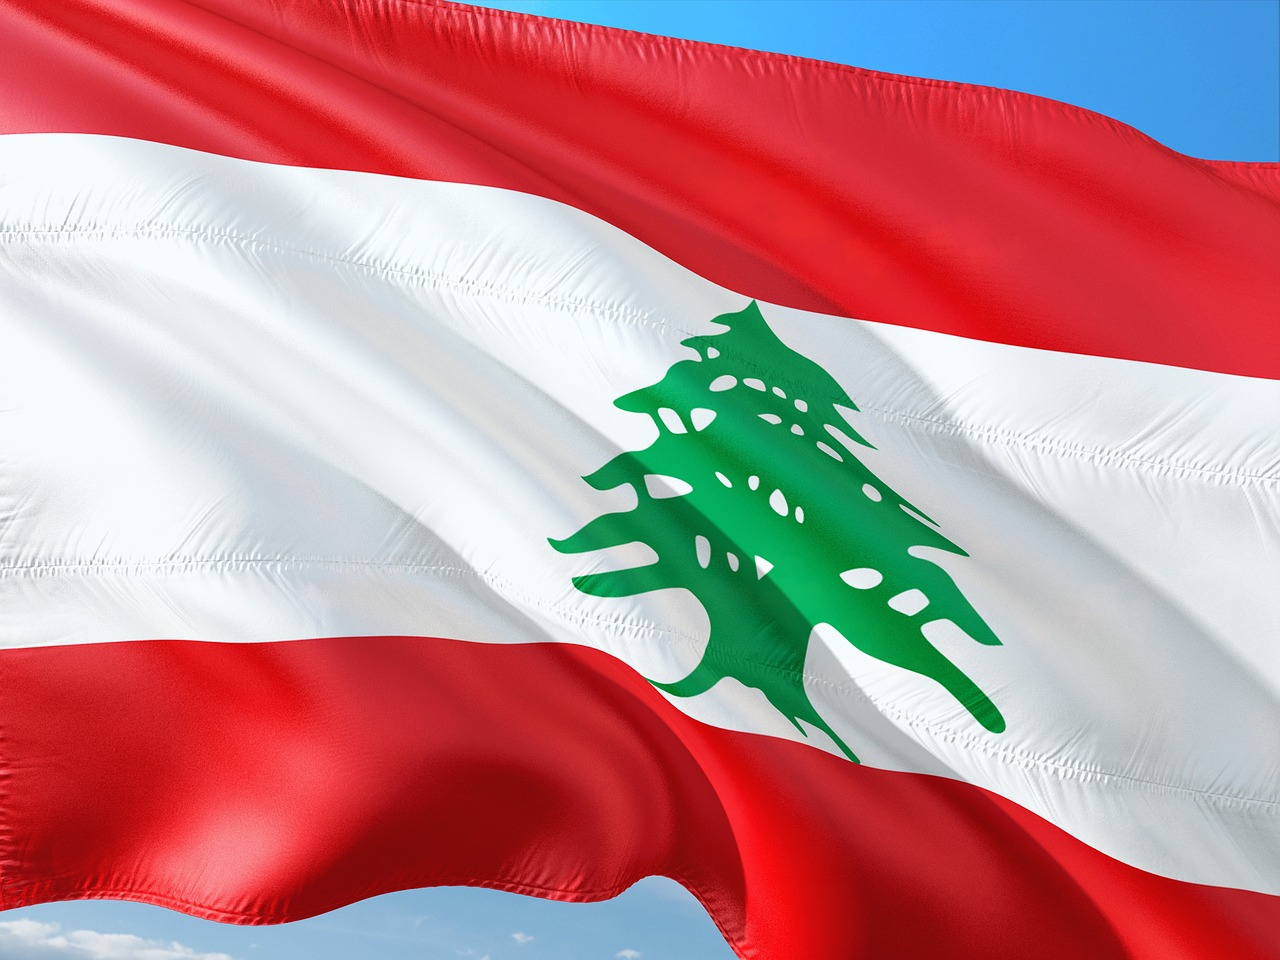 Pubblichiamo 2 articoli sulla situazione attuale del Libano